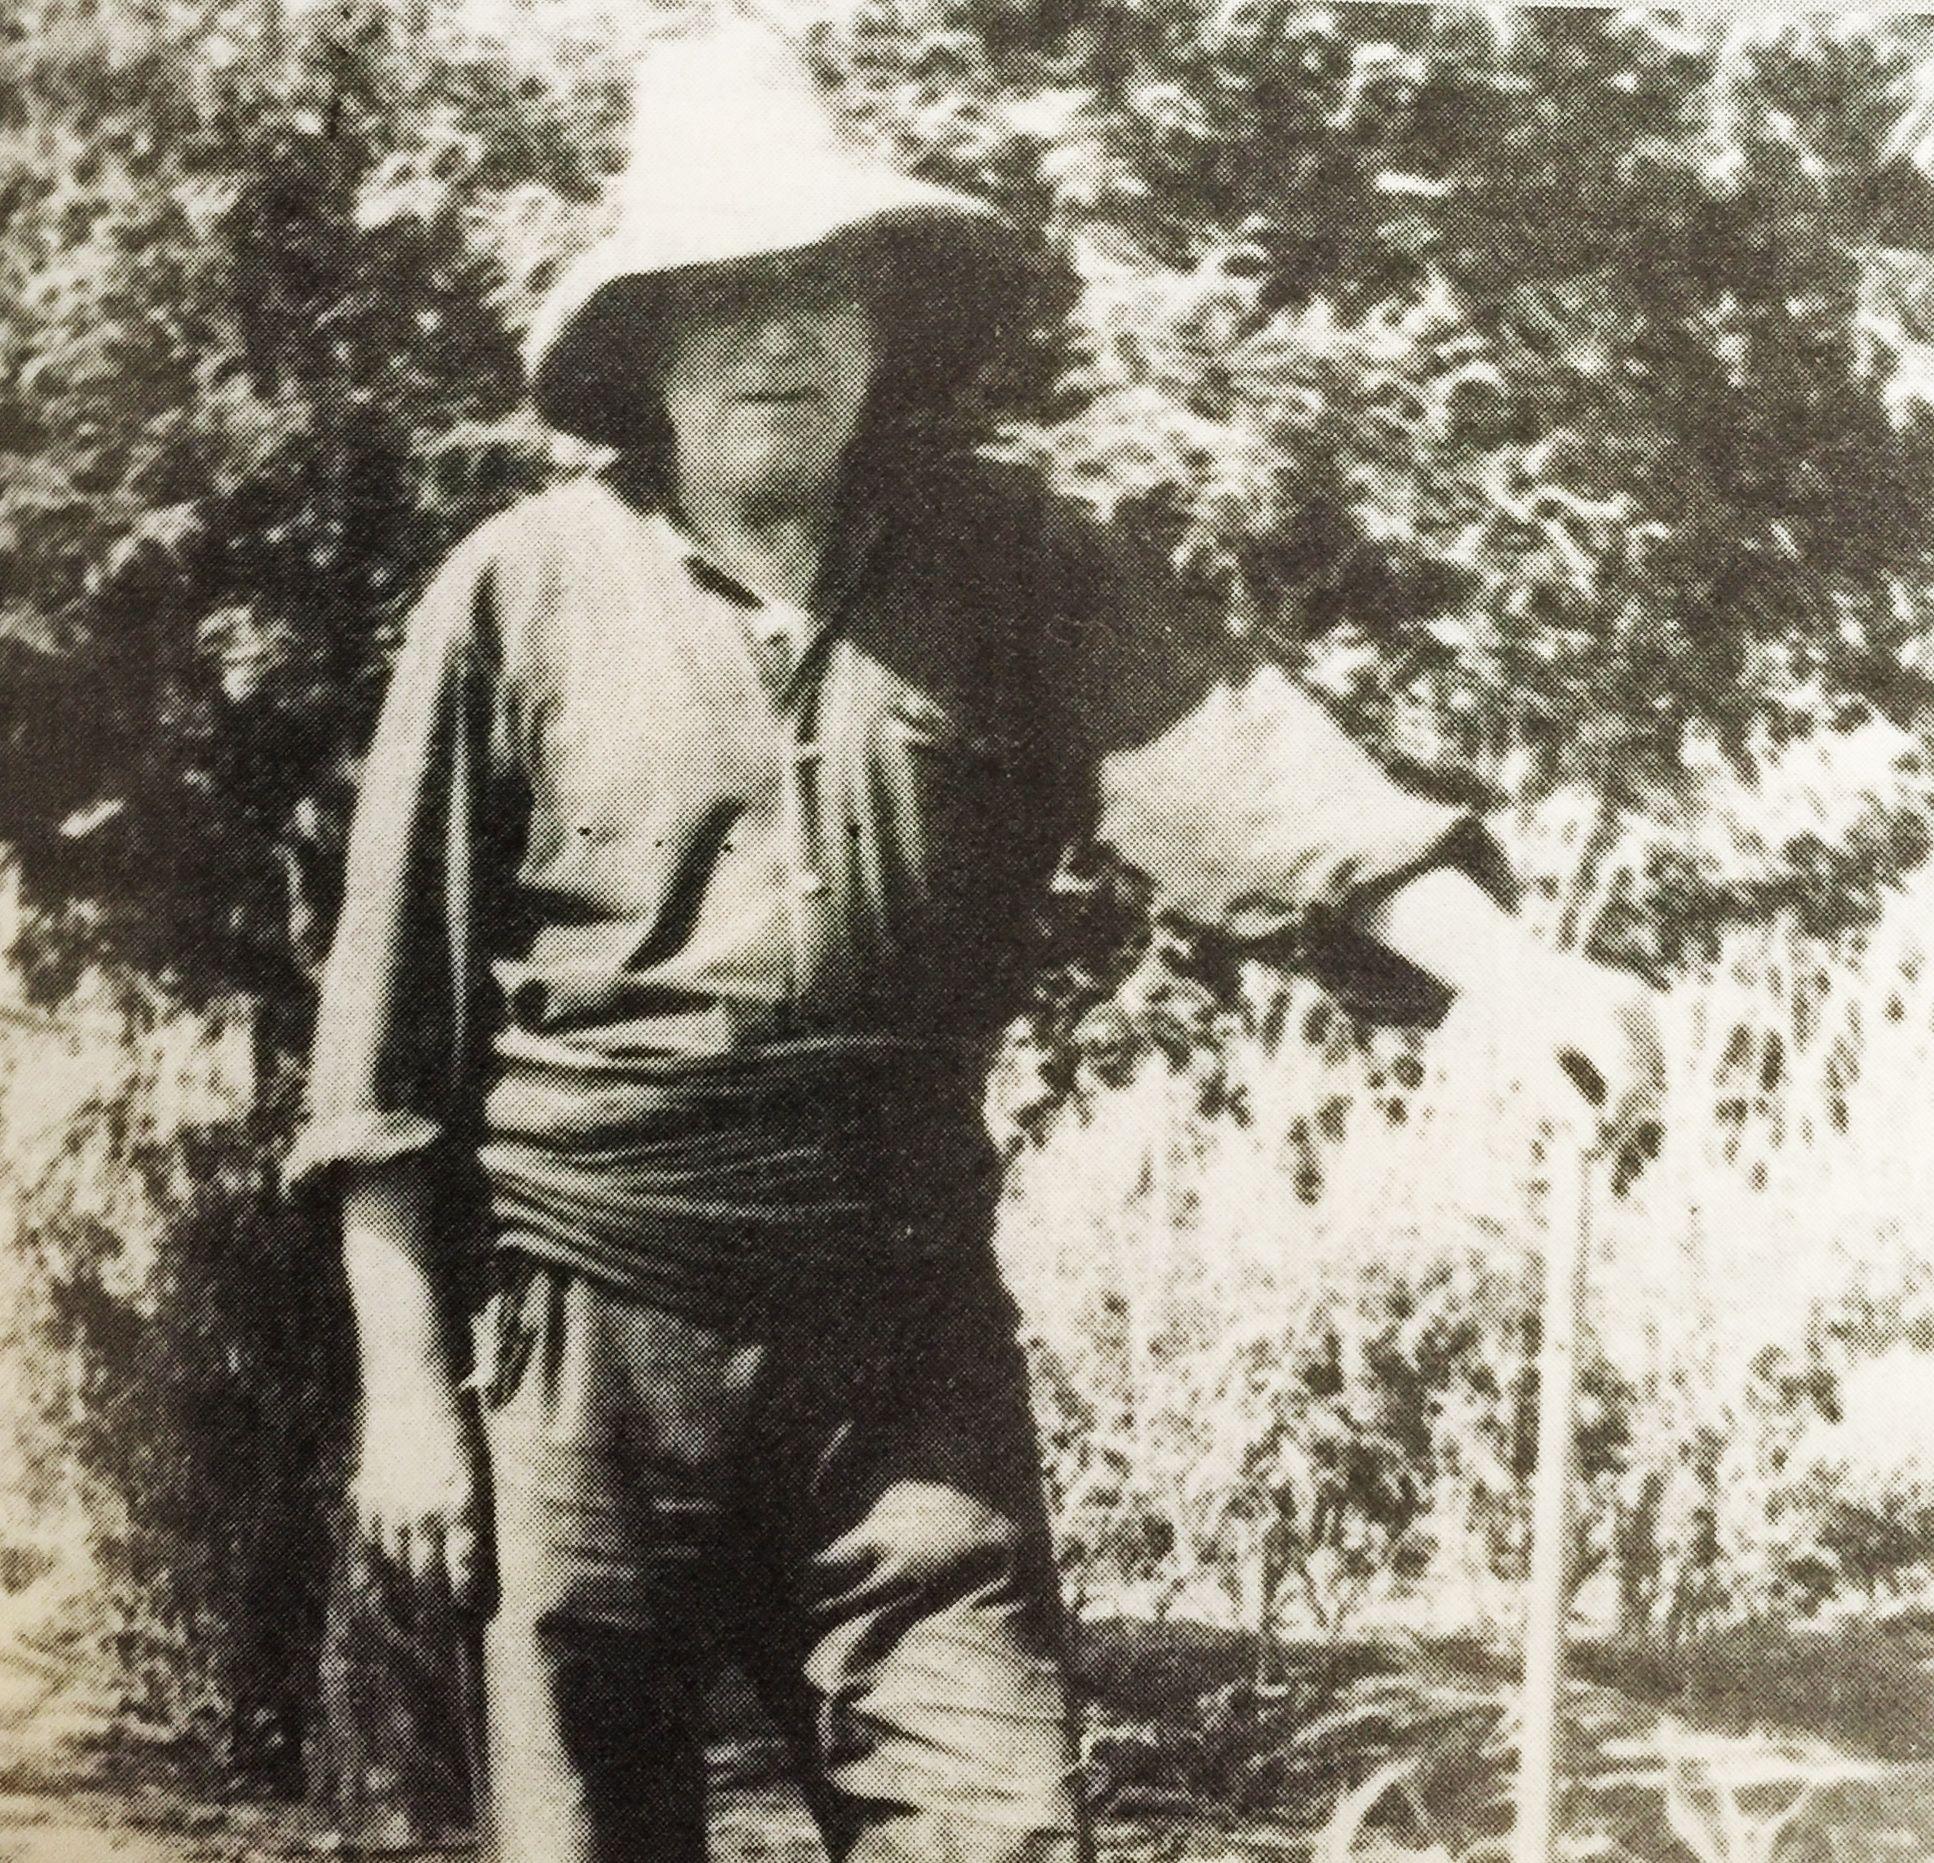 Domingo Riba, pagès, al 1935, als terrenys de l'actual %22Mercadillo%22 de Les Fontetes. Fotografia cedida per Lluís de Arquer